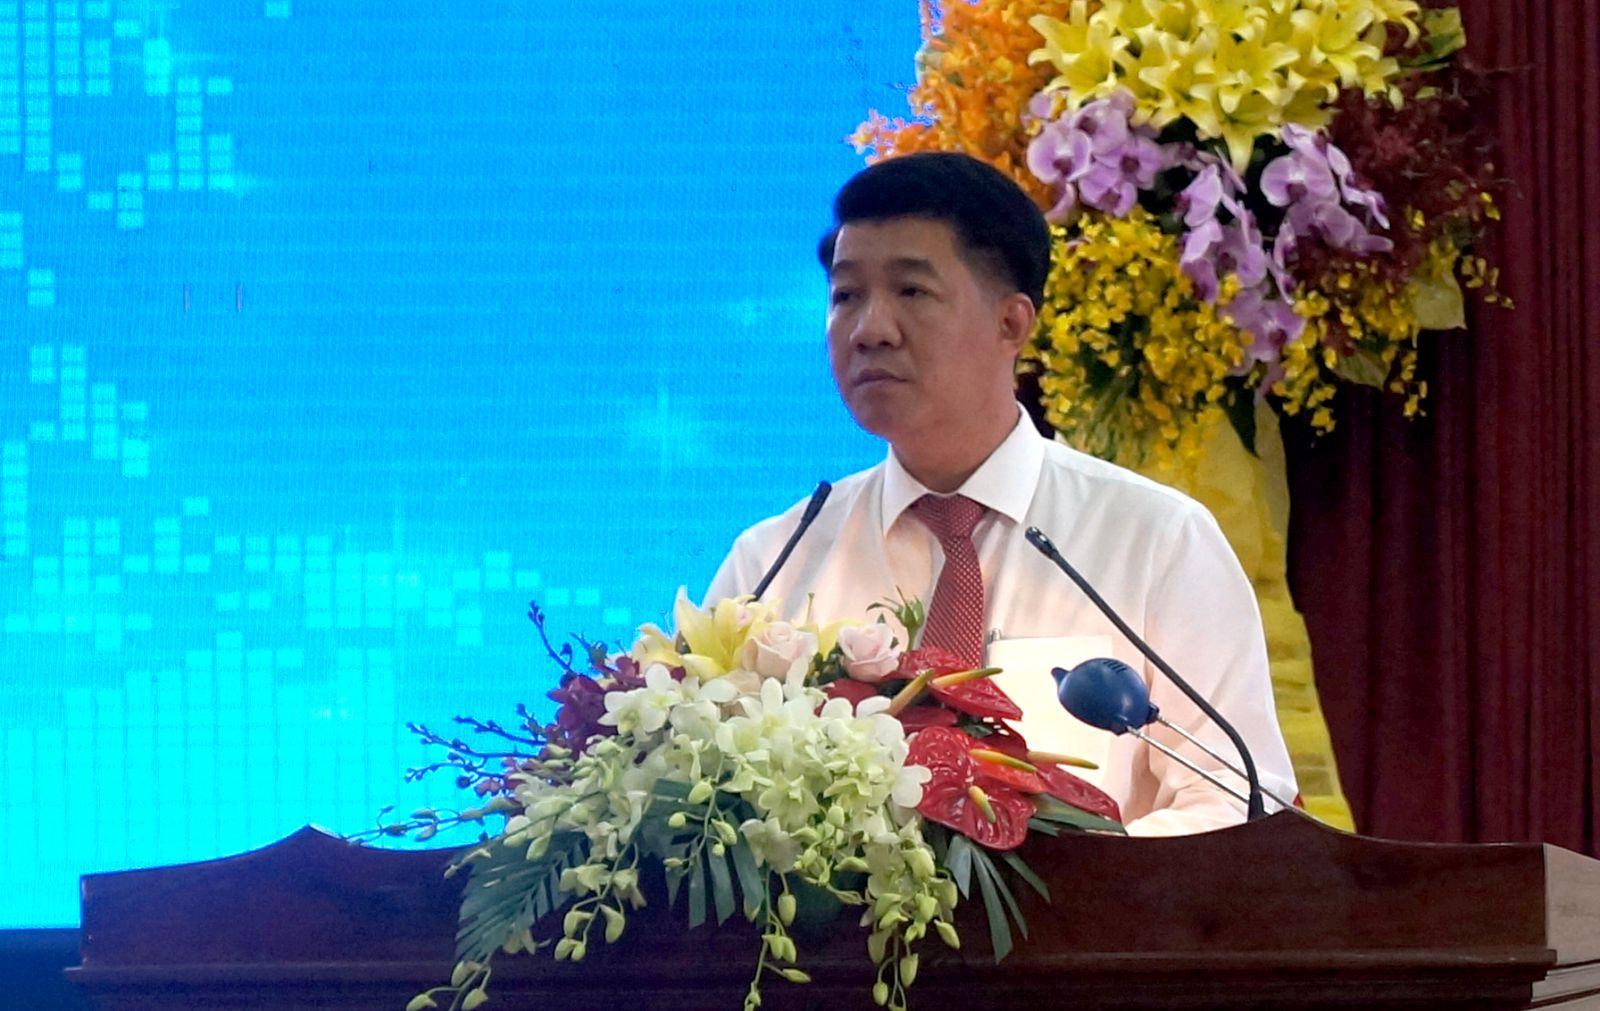 Ông Vũ Mạnh Hùng – Phó chủ tịch CLB nông nghiệp công nghệ cao DAA kiêm TGĐ Tập đoàn Hùng Nhơn.